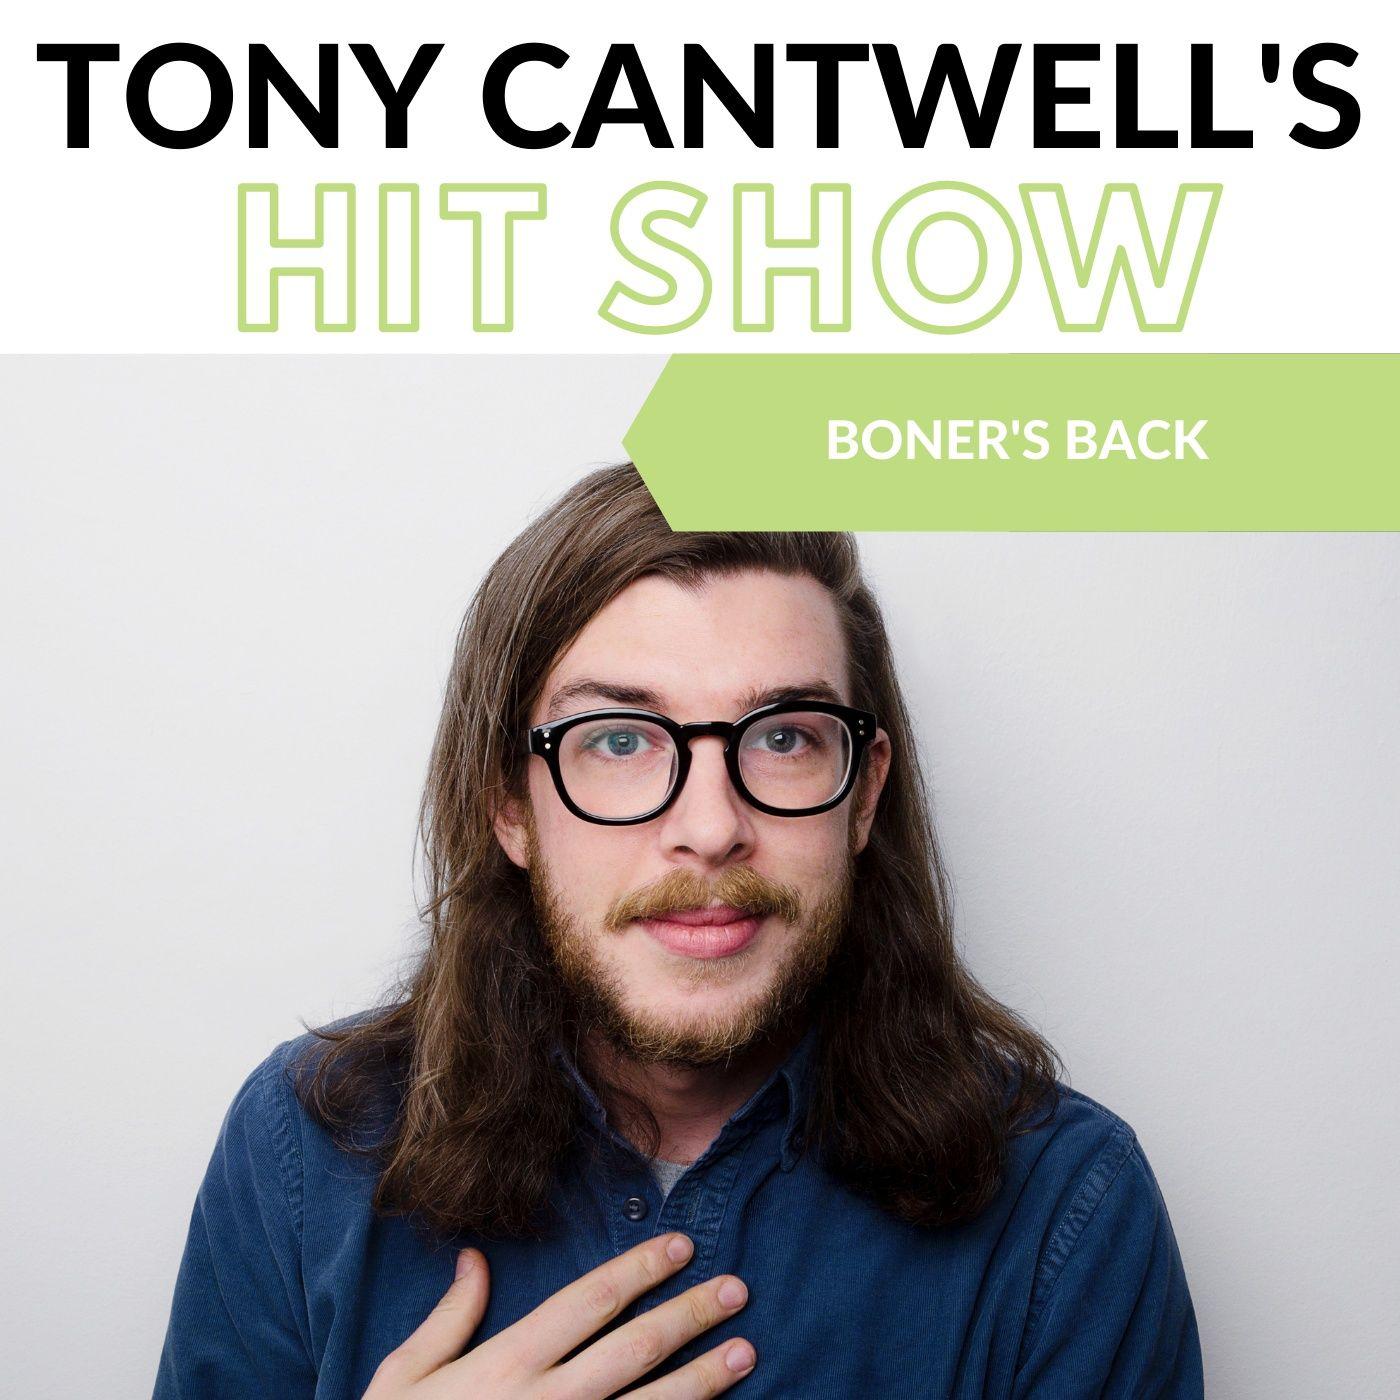 Episode 77 - Boner's Back